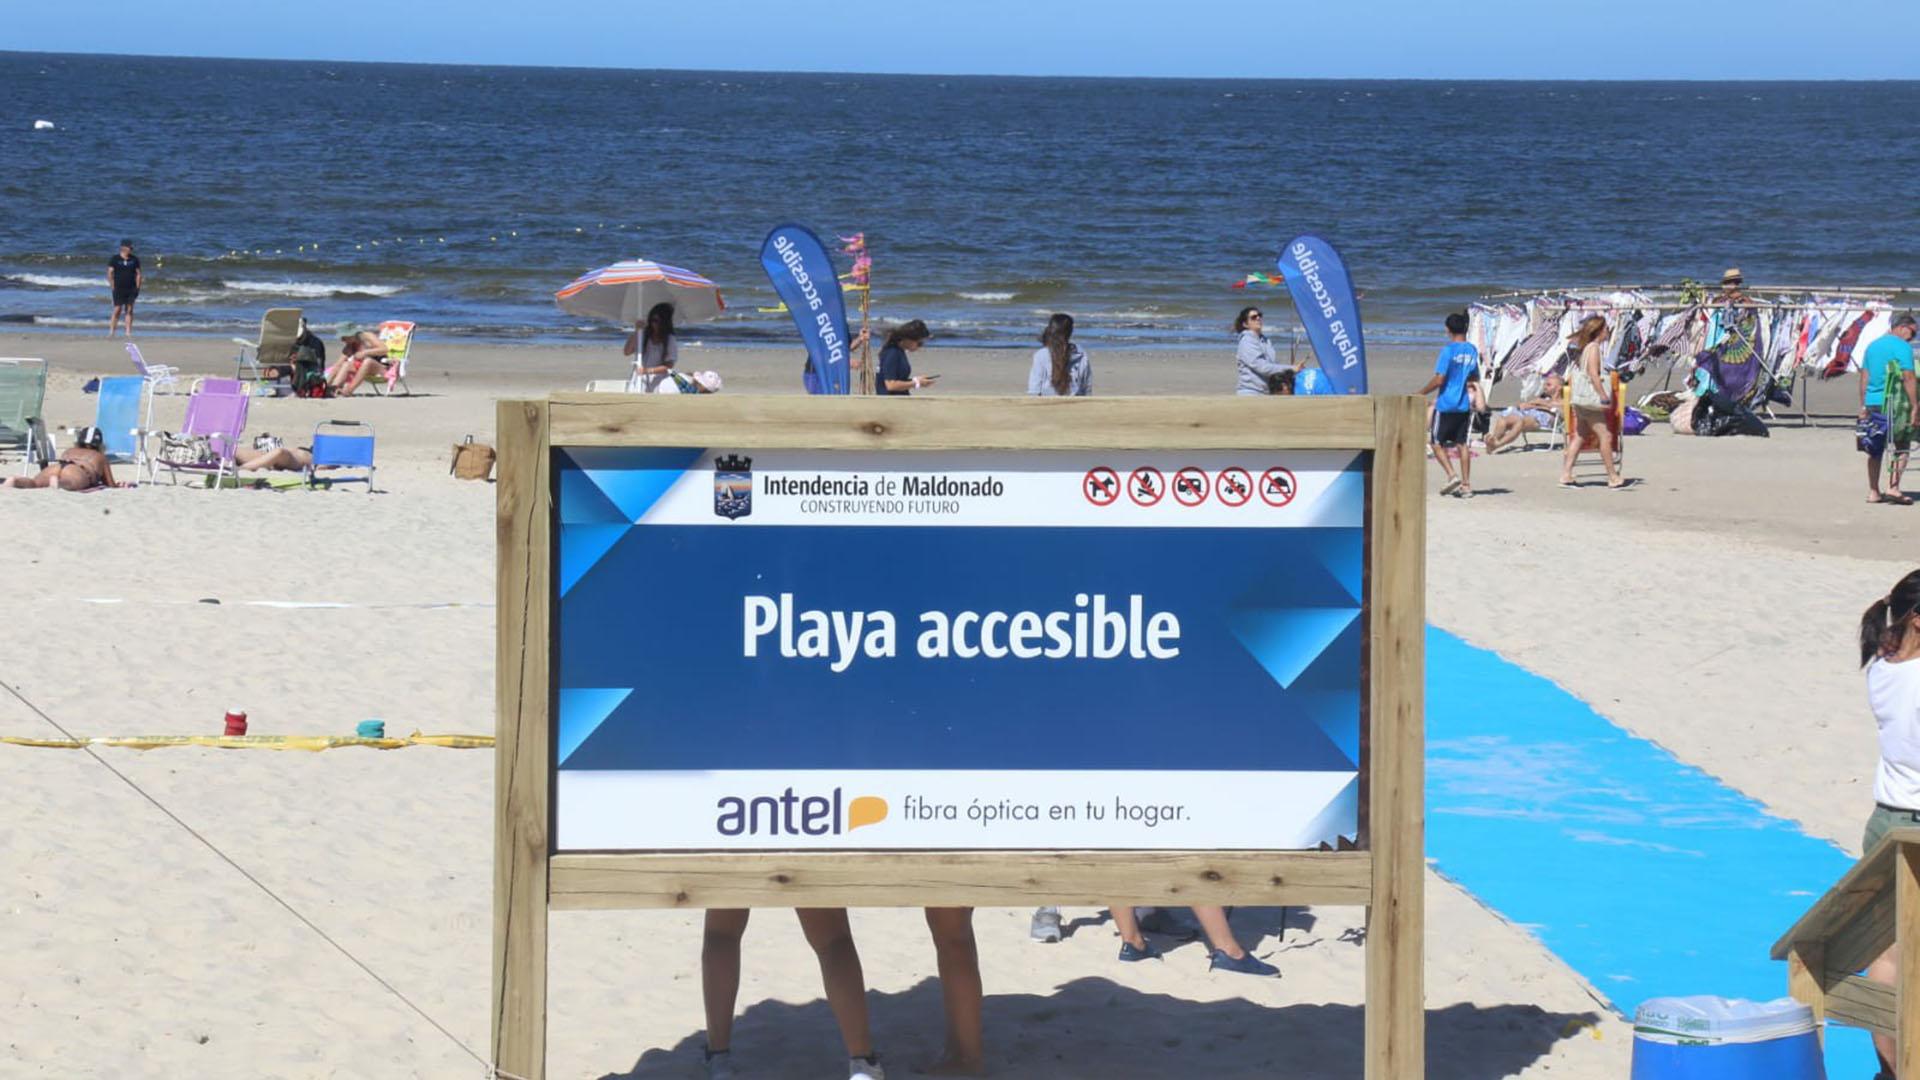 Es la segunda playa accesible que instala la Intendencia de Maldonado: la primera se ubica en la parada ocho de la Mansa